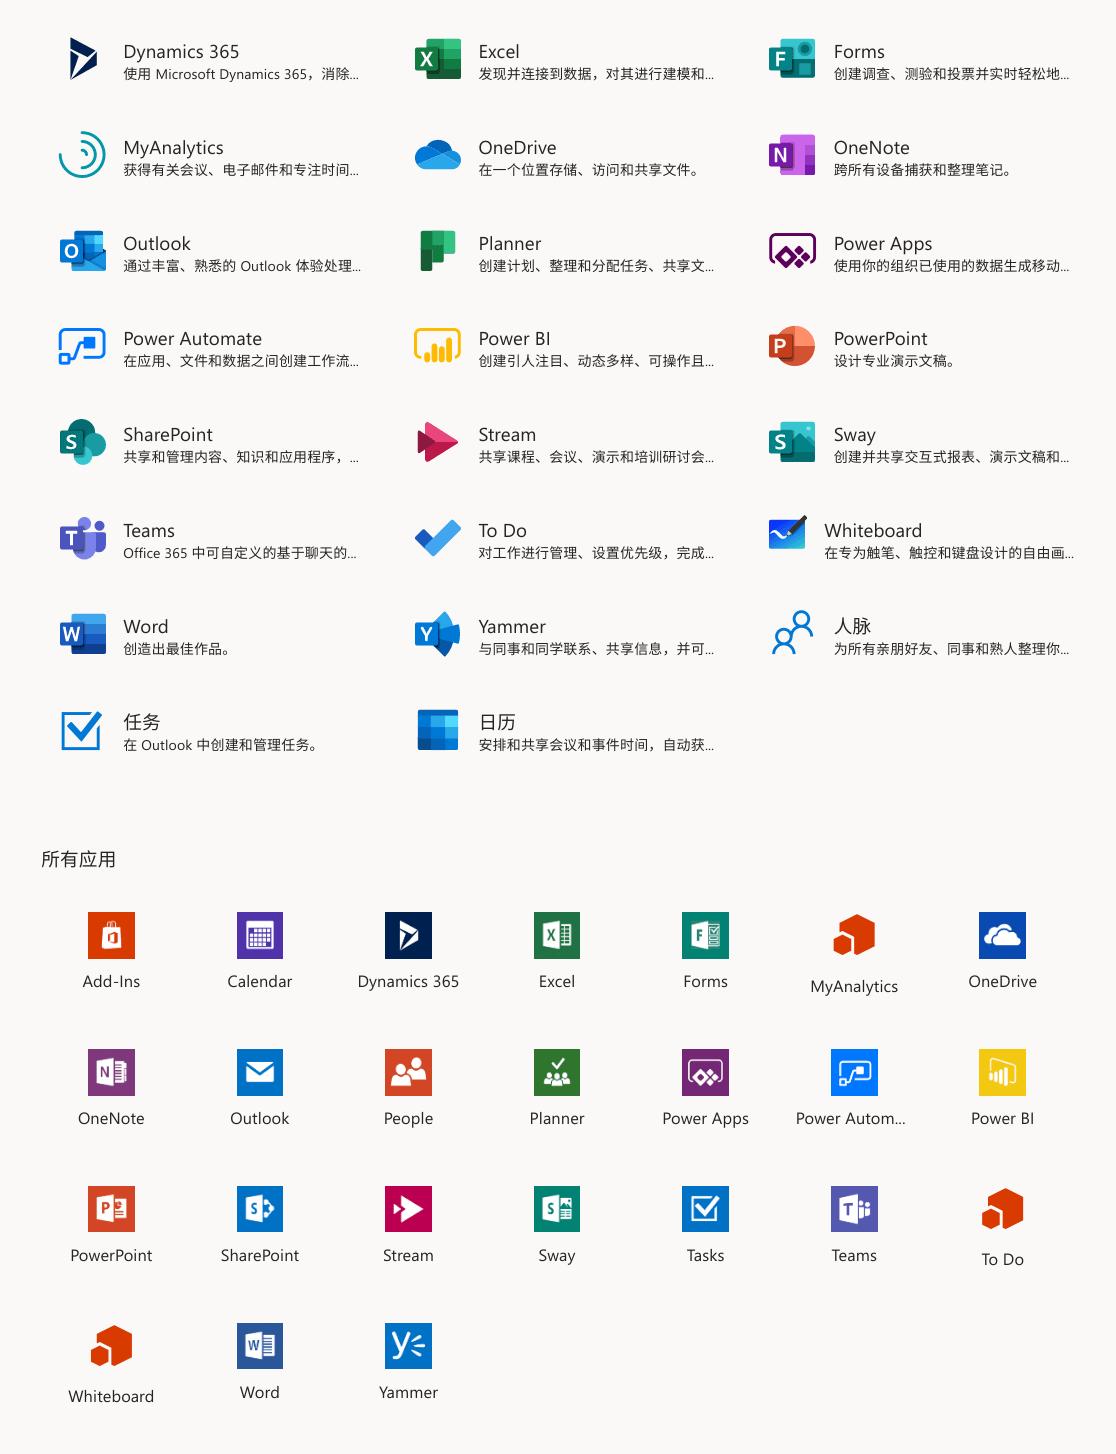 724运维节:送Microsoft Office账号,含5T空间及Office桌面版本